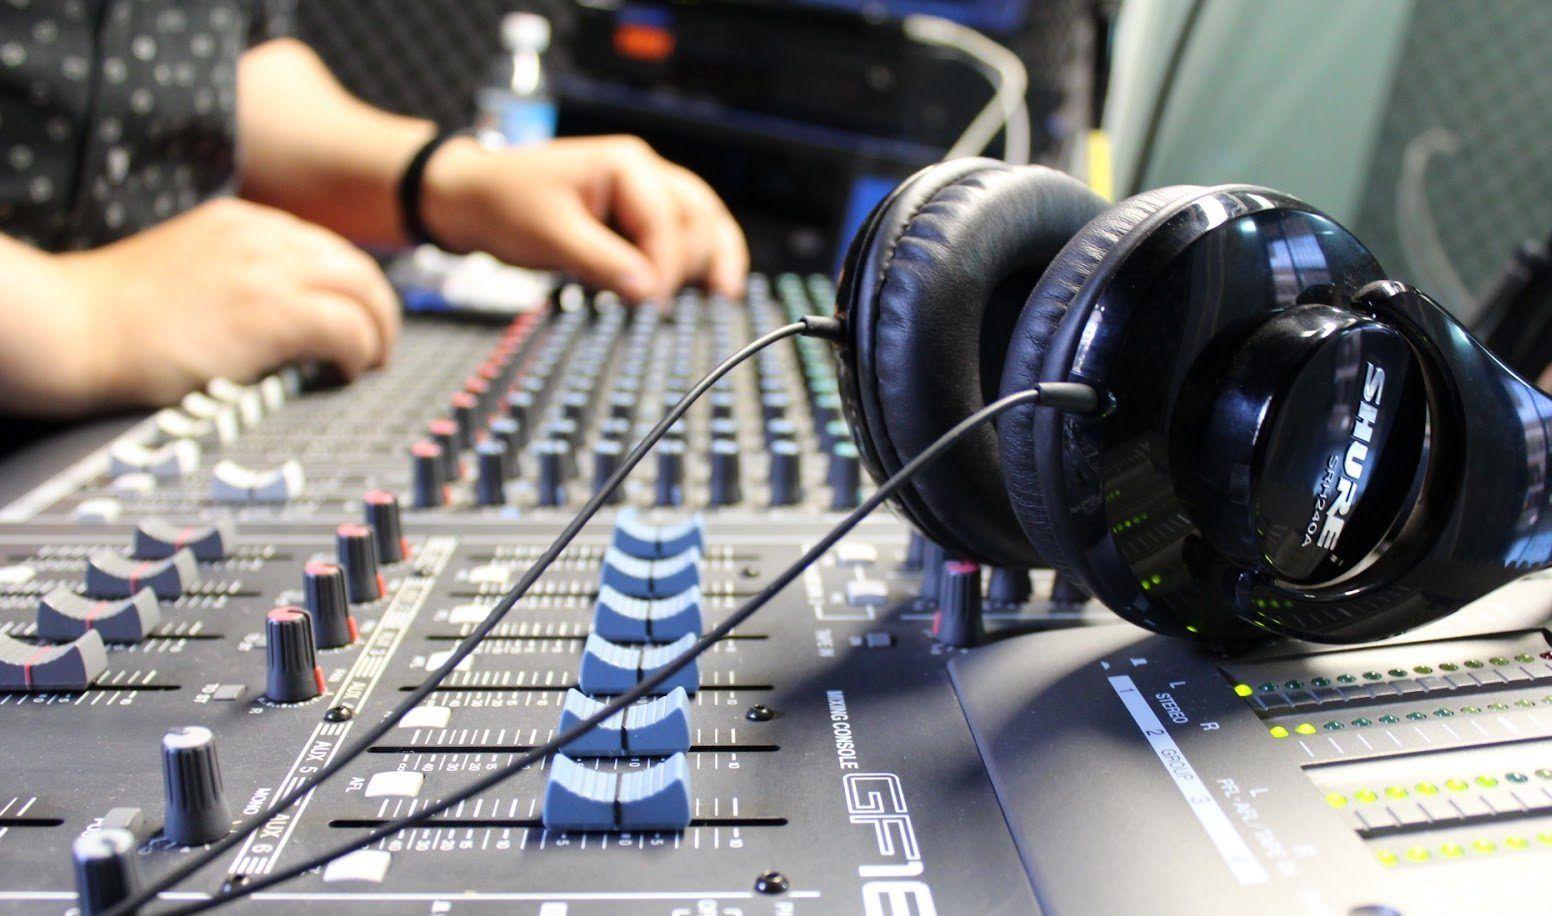 Cada  De Mayo Los Operadores De Radio Celebran Su Dia En Homenaje Al Creador Del Codigo Morse Uno De Los Objetivos De La Fecha Es Visibilizar Y